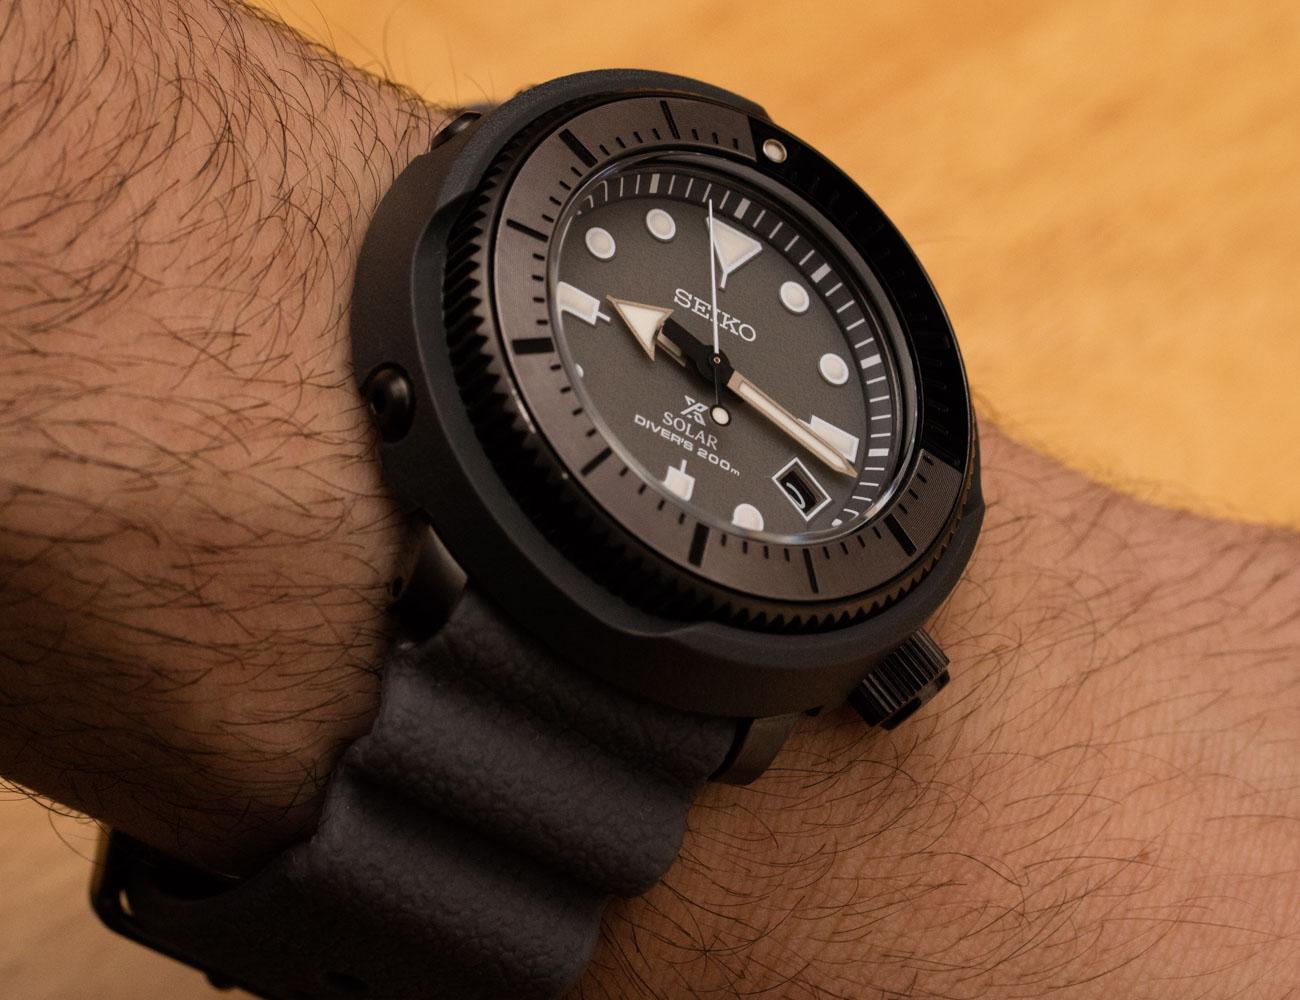 Seiko Prospex Street Series Solar Diver Watches